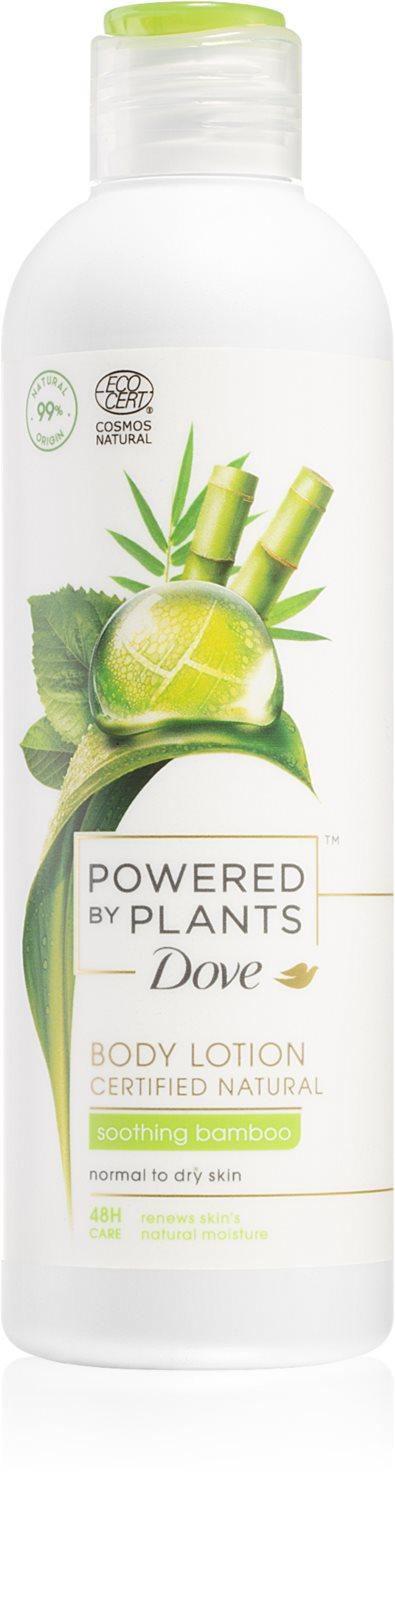 Dove Powered by Plants Bamboo upokojujúce telové mlieko 250ml